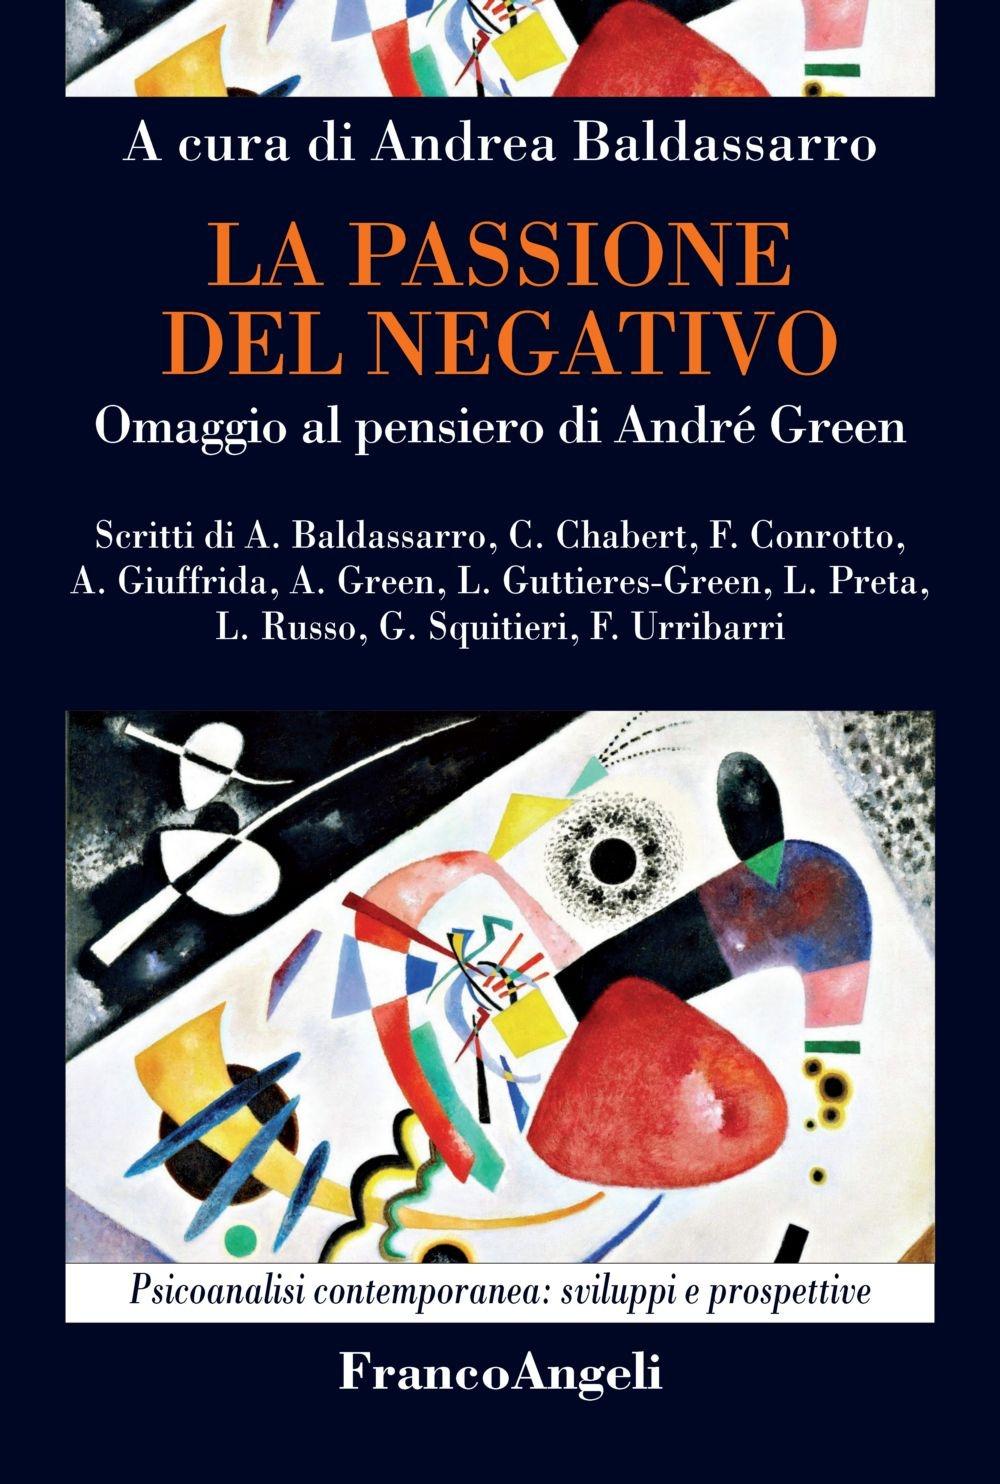 La passione del negativo. Omaggio al pensiero di André Green